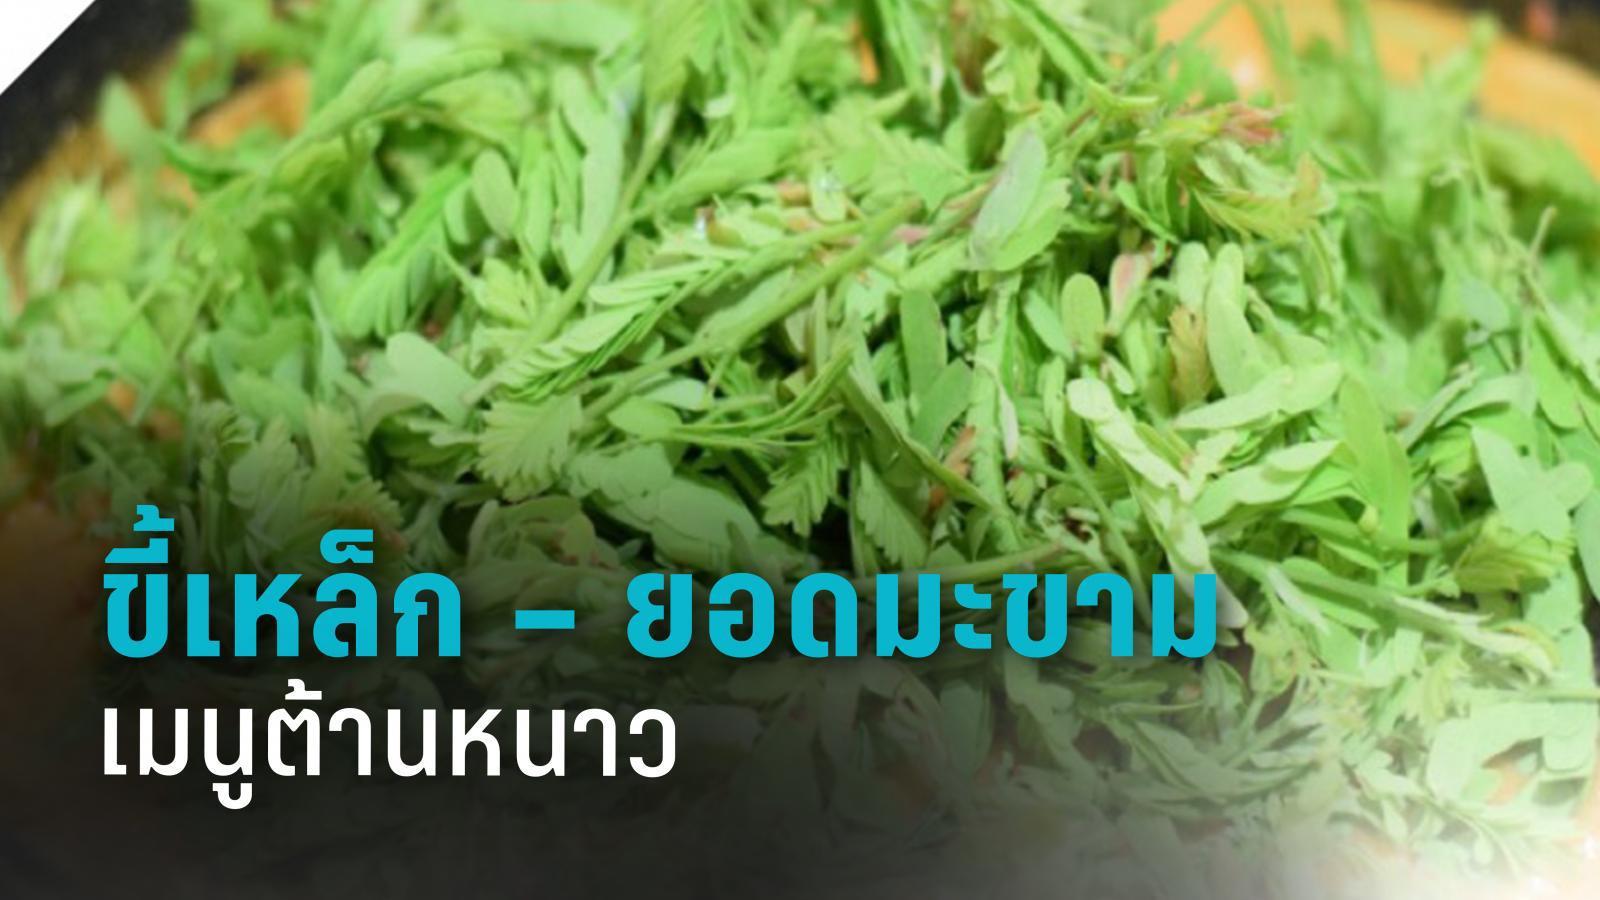 กรมอนามัย ชู ผักพื้นบ้าน 'ขี้เหล็ก – ยอดมะขาม'เมนูต้านหนาว